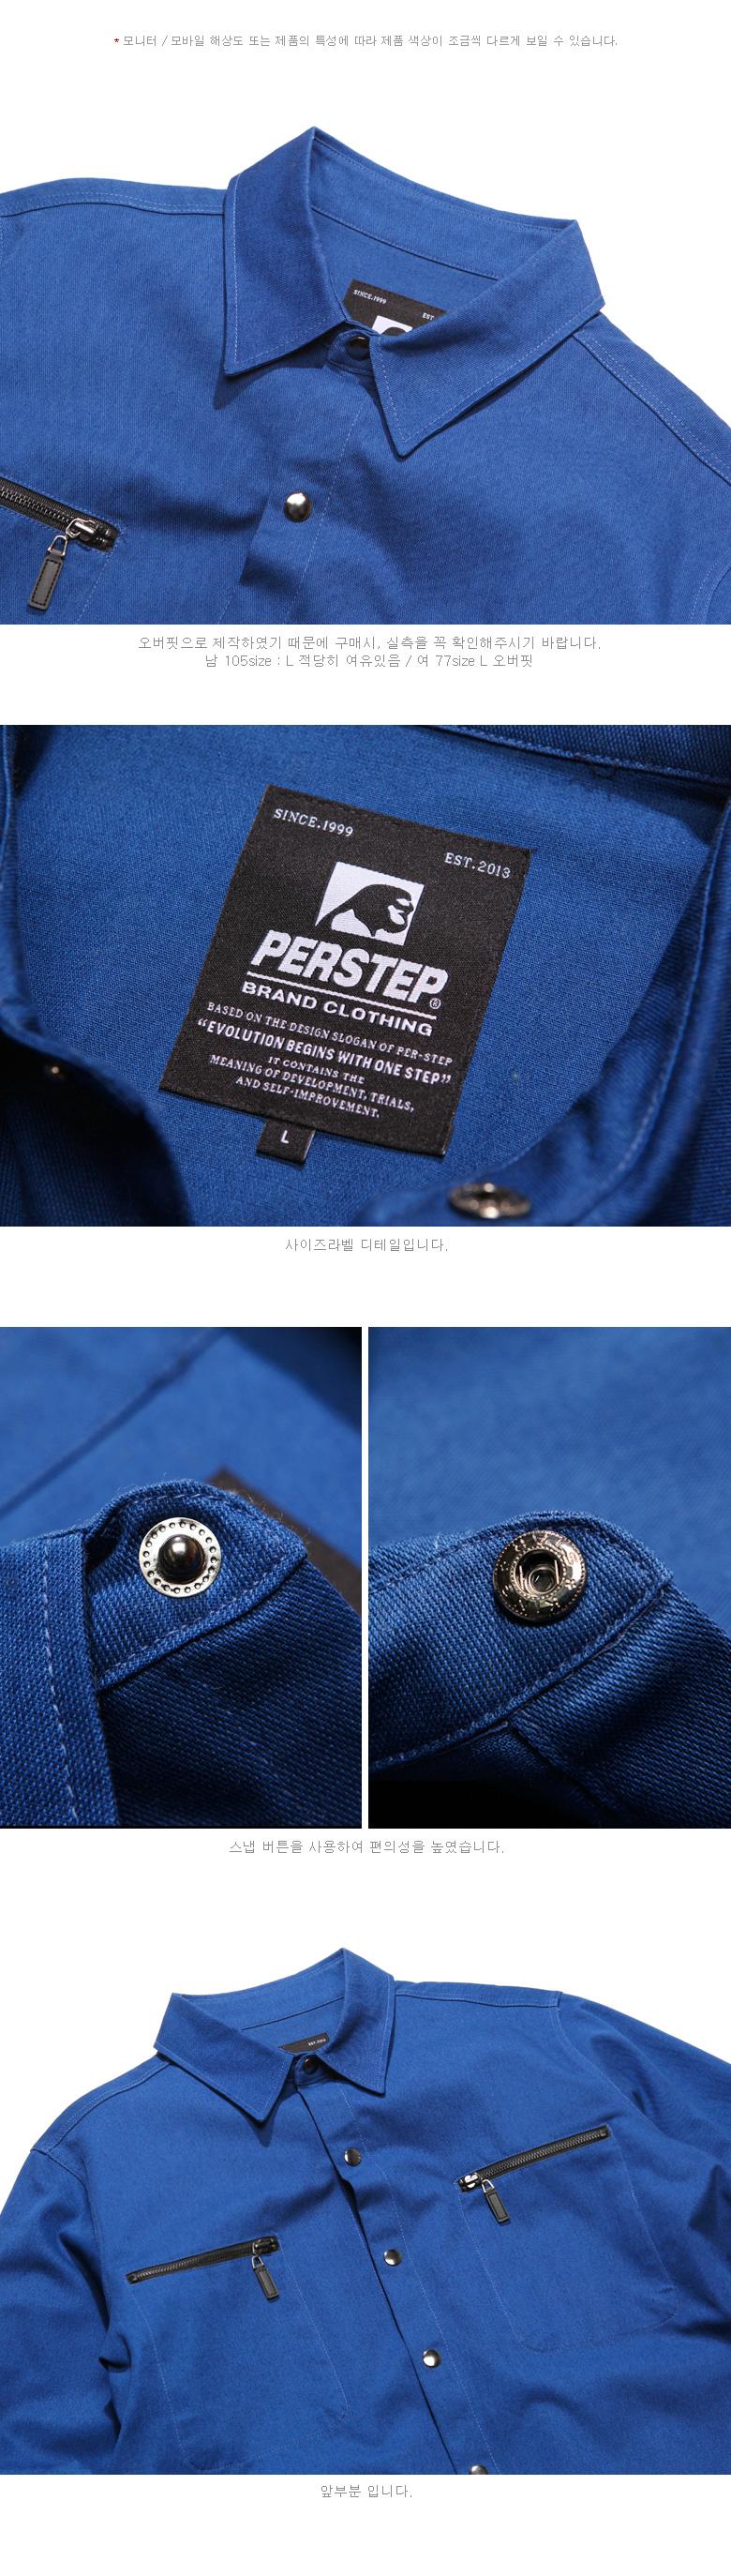 20180214_ps_roper_shirt_blue_uk_02.jpg